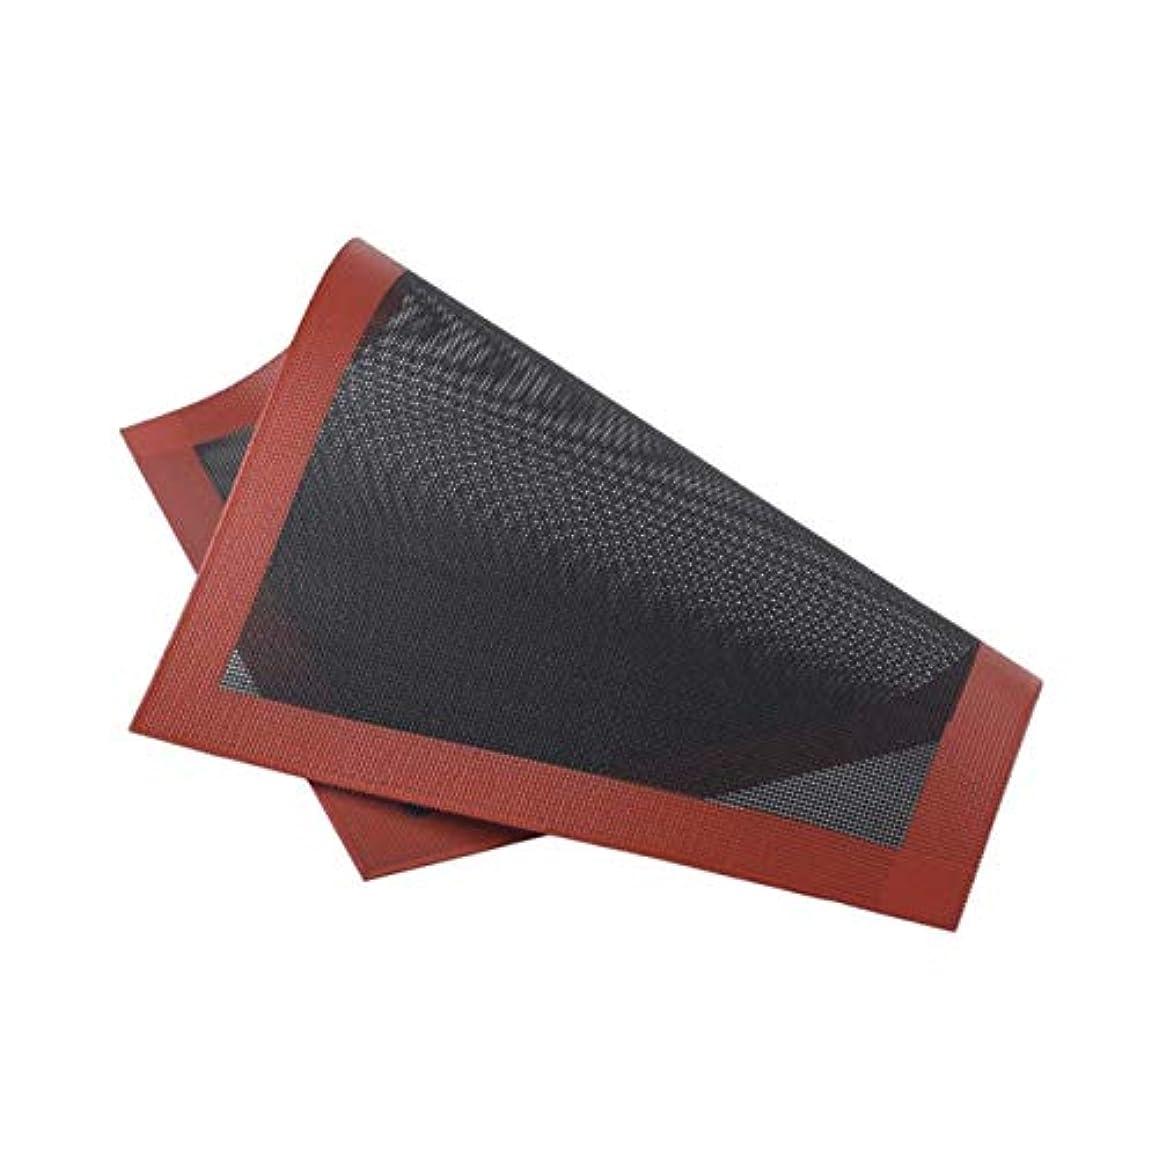 せっかち引っ張るカウンタSaikogoods クッキーパンビスケットのための実用的なデザインホームキッチンベーキングツールのシリコンベーキングマットノンスティックベーキングオーブンシートライナー 黒と赤 直角